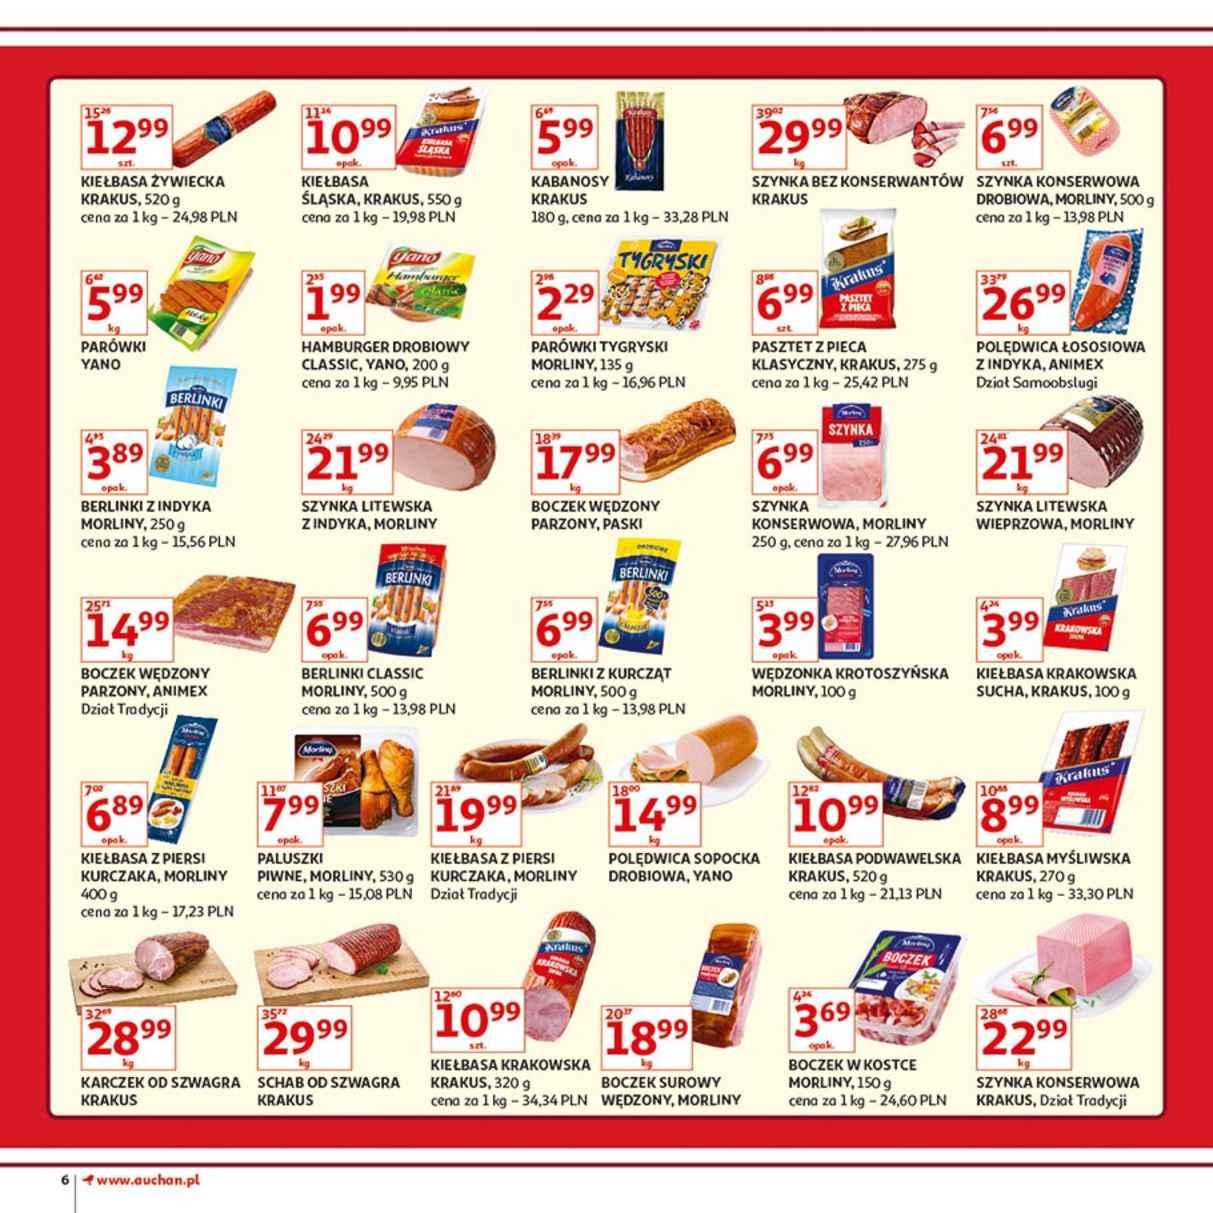 Gazetka promocyjna Auchan do 12/12/2018 str.6